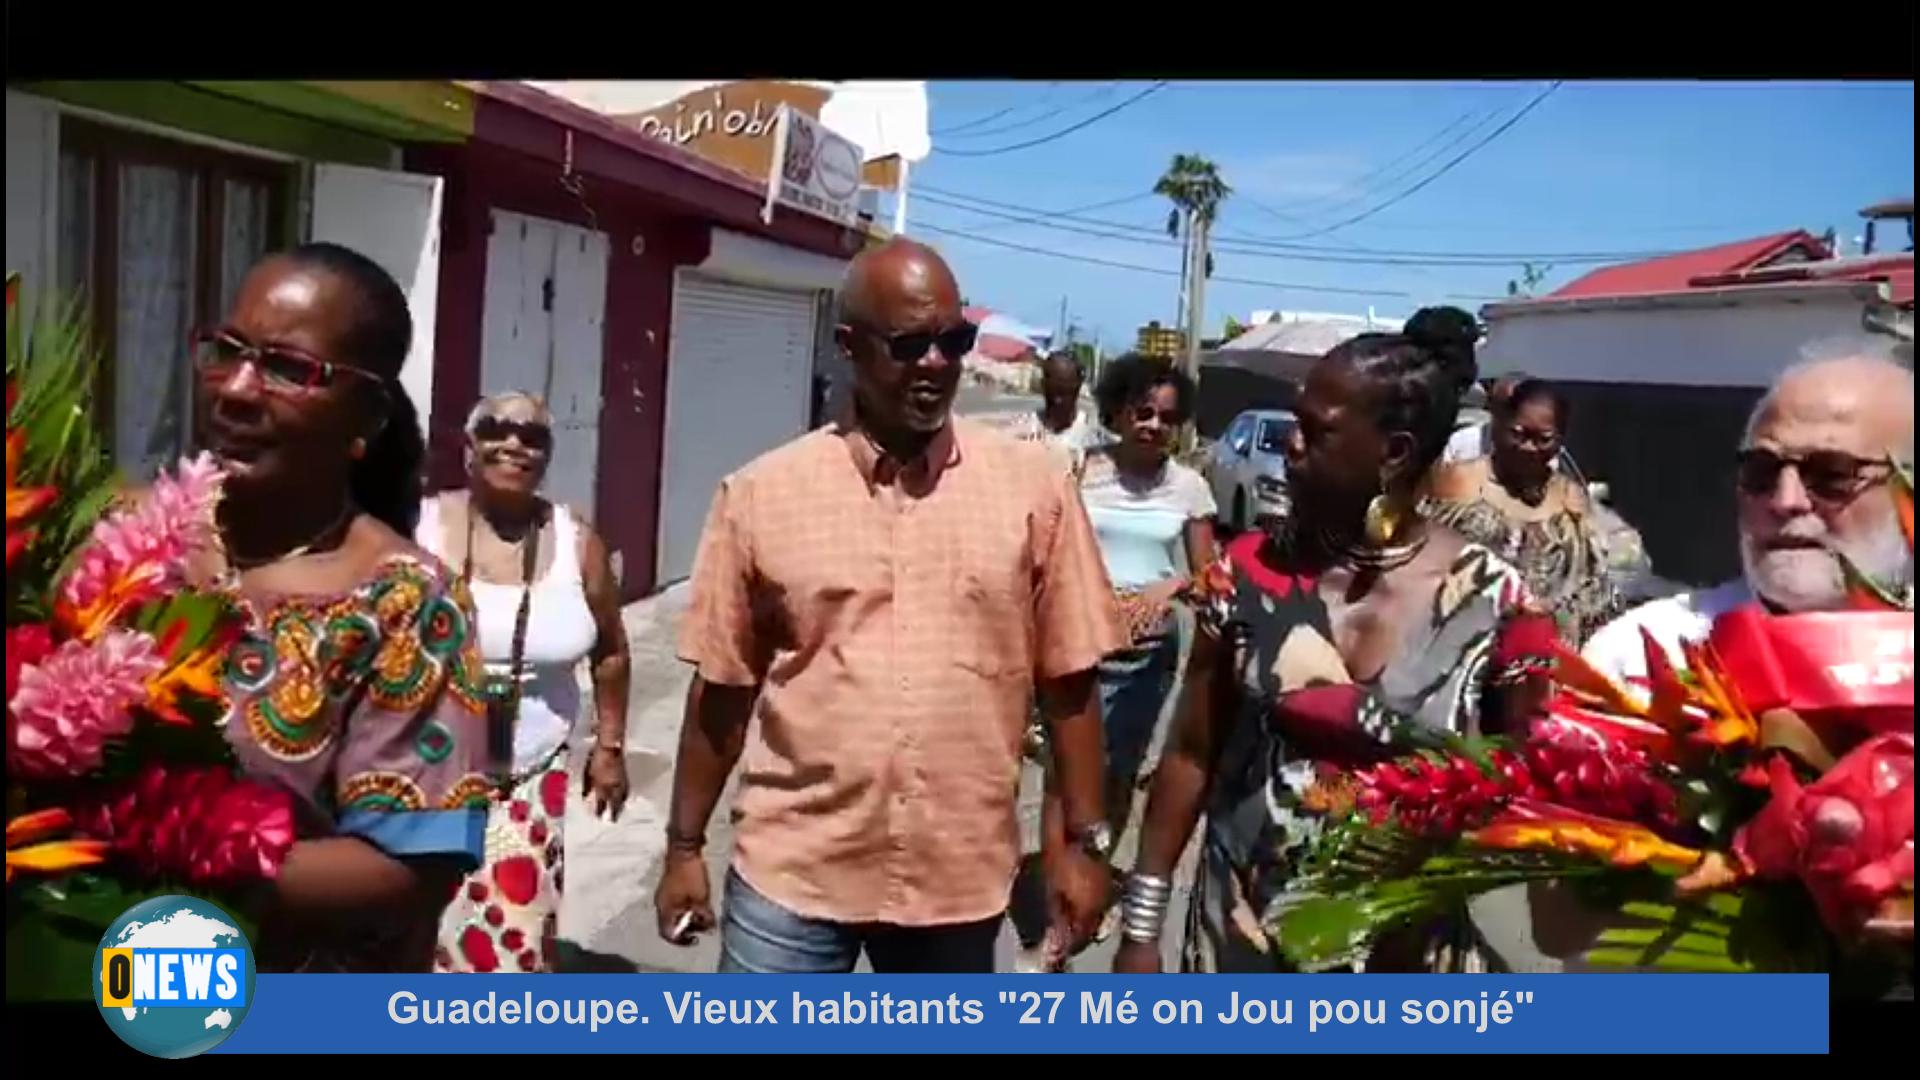 [Vidéo] Guadeloupe. Vieux habitants 27 Mé on Jou pou sonjé.